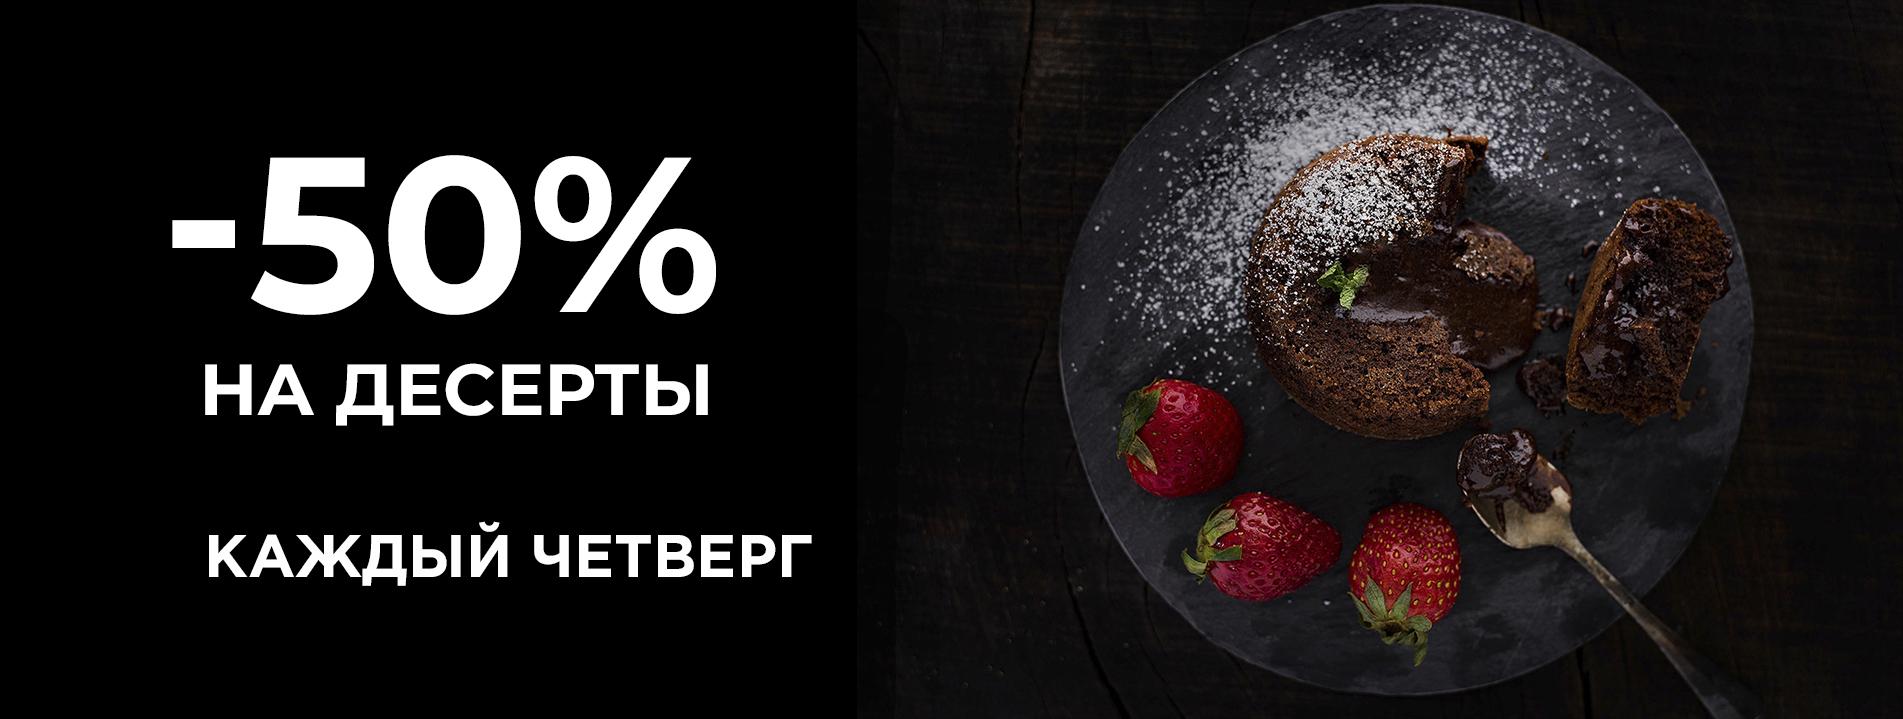 ЧЕТВЕРГ -50%